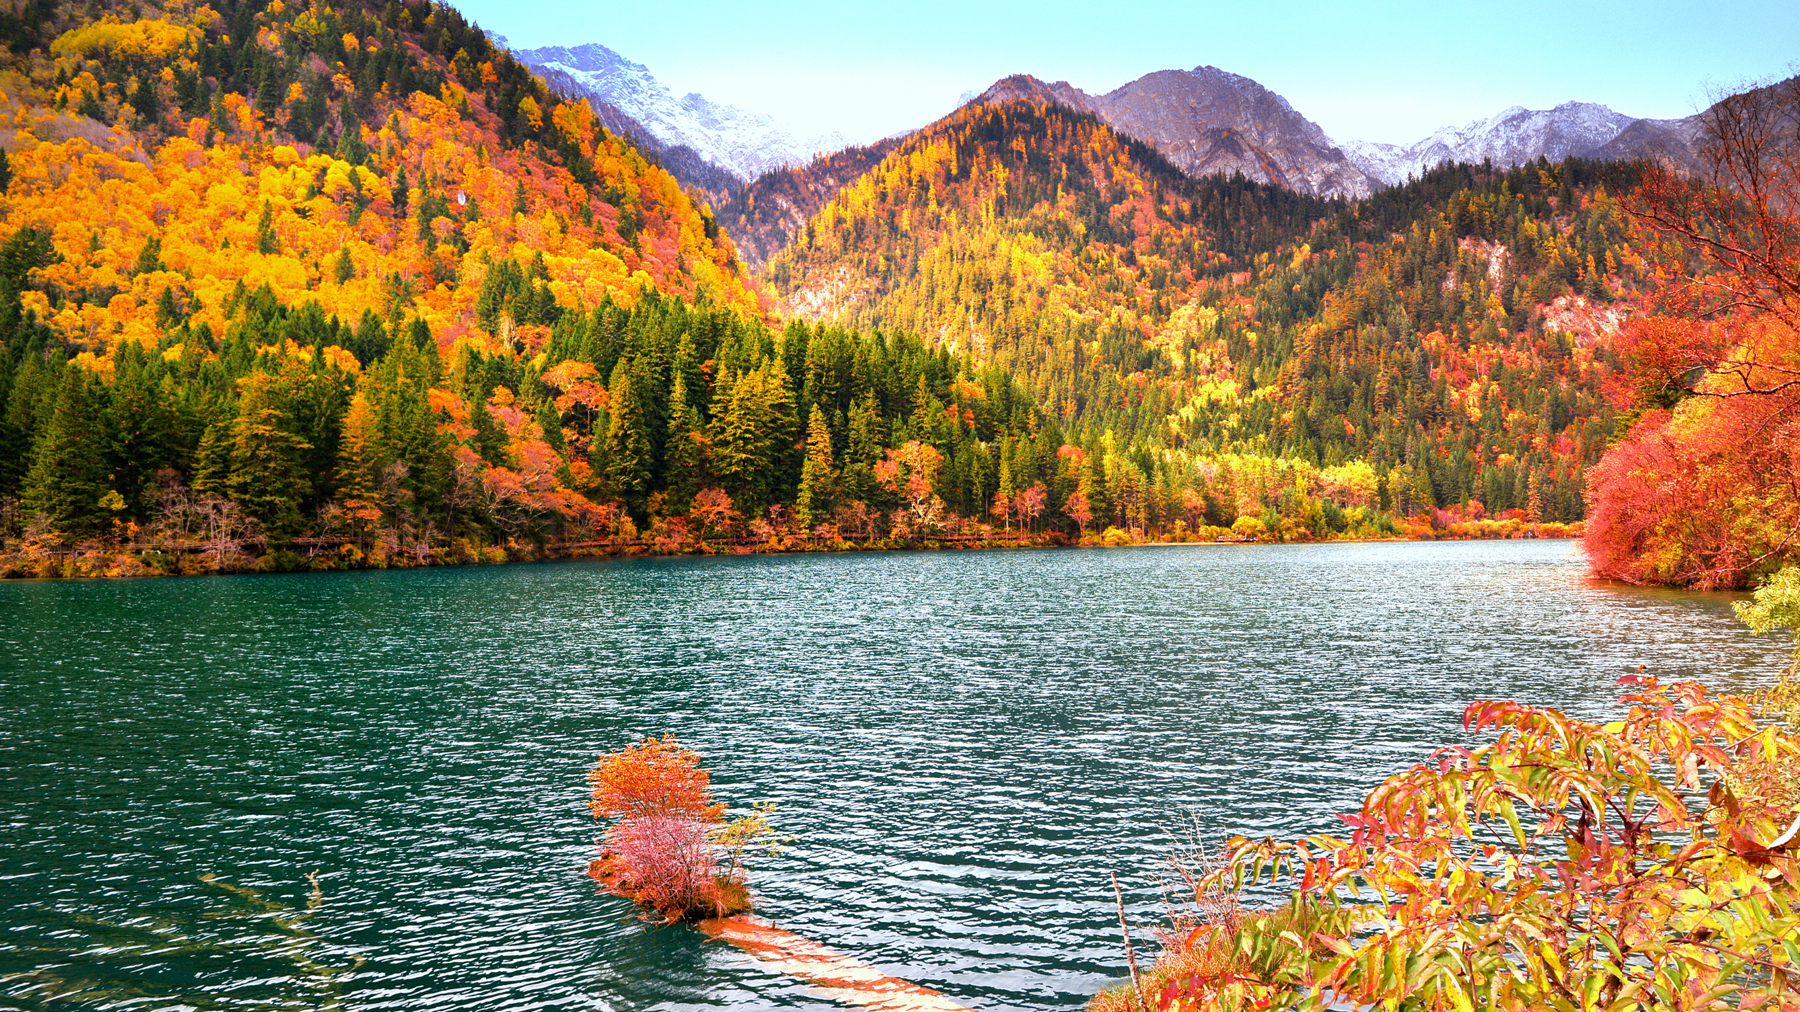 2、黑水奶子沟 黑水县境内的达古冰川景区,雪顶红叶,相映生辉,美不胜收。卡龙沟的红叶绝对要和卡龙沟的水放在一起才算惊艳,景区比较幽静,是个思考人生的好去处。  奶子沟不是一个景区,而是一条沟,开车一路都是漫山的红叶,景色非常的原始。在满山遍野的彩林里面散步,空气又清新,没有?#23548;?#30340;游客,彩林洋洋洒洒长达八十里,蔚为壮观。  3、?#22659;?#20122;丁 ?#22659;?#20122;丁最美的时候是每年的10月15-25日。每到秋季,山层林尽?#33606;?#28779;红的枫叶、交相辉映,太阳升起时,整座山泛着金光。站在山顶,可远眺贡嘎日松贡布神山,景色十分壮观。不过